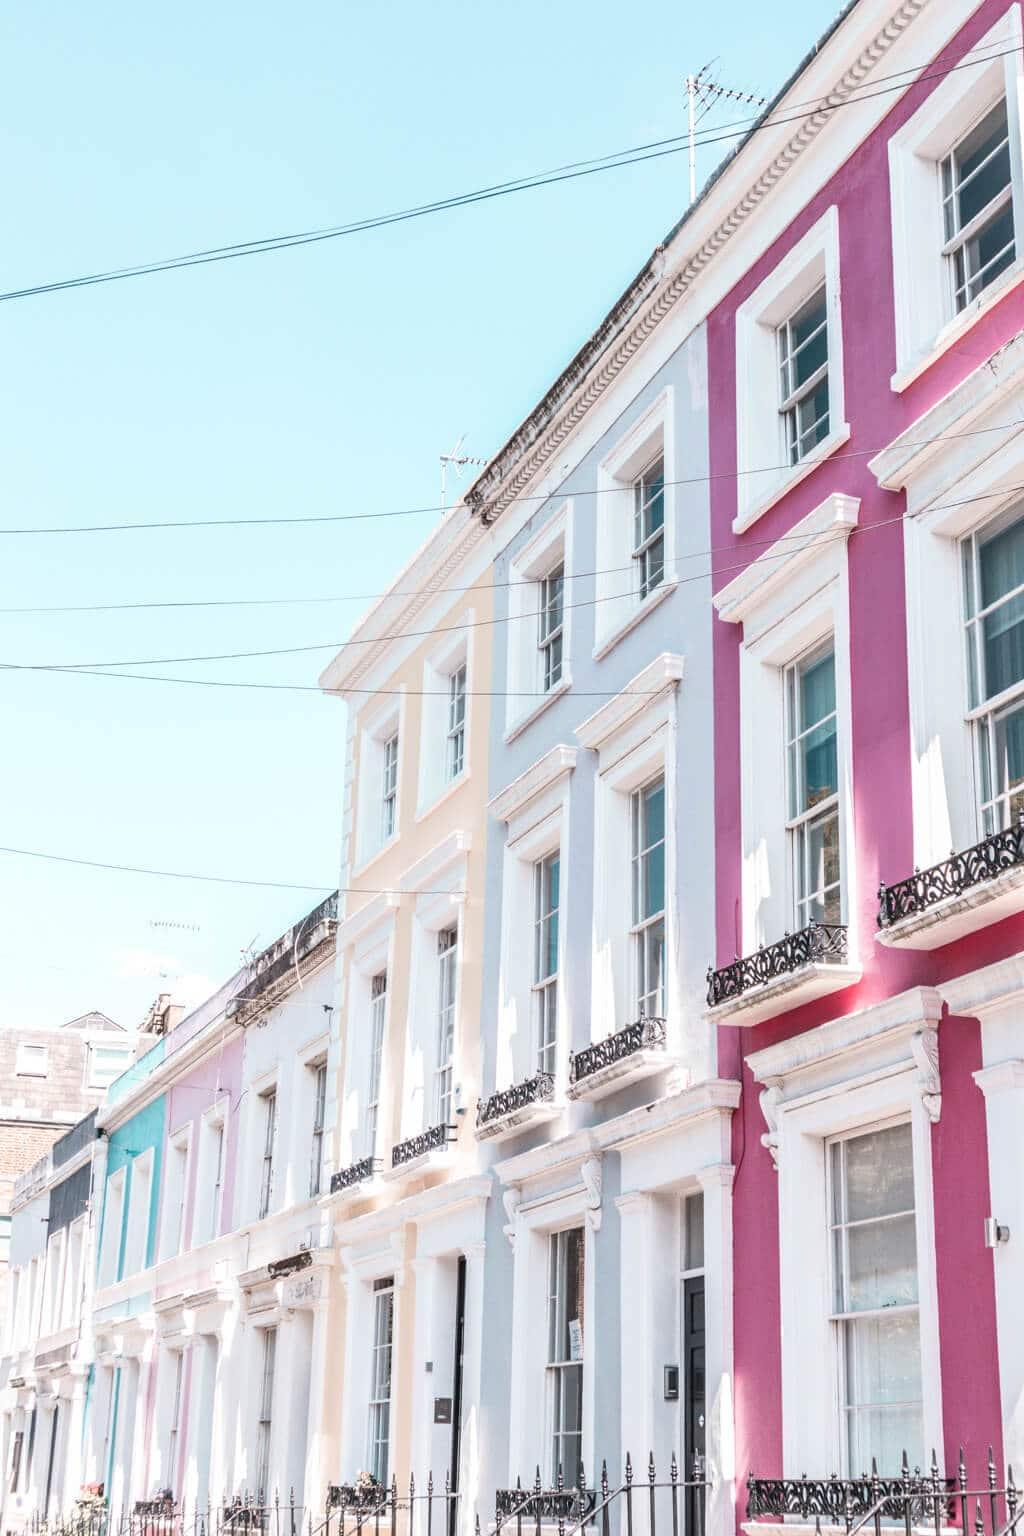 מה יש לעשות בלונדון / מדריך ללונדון | Things to do in London / London Guide